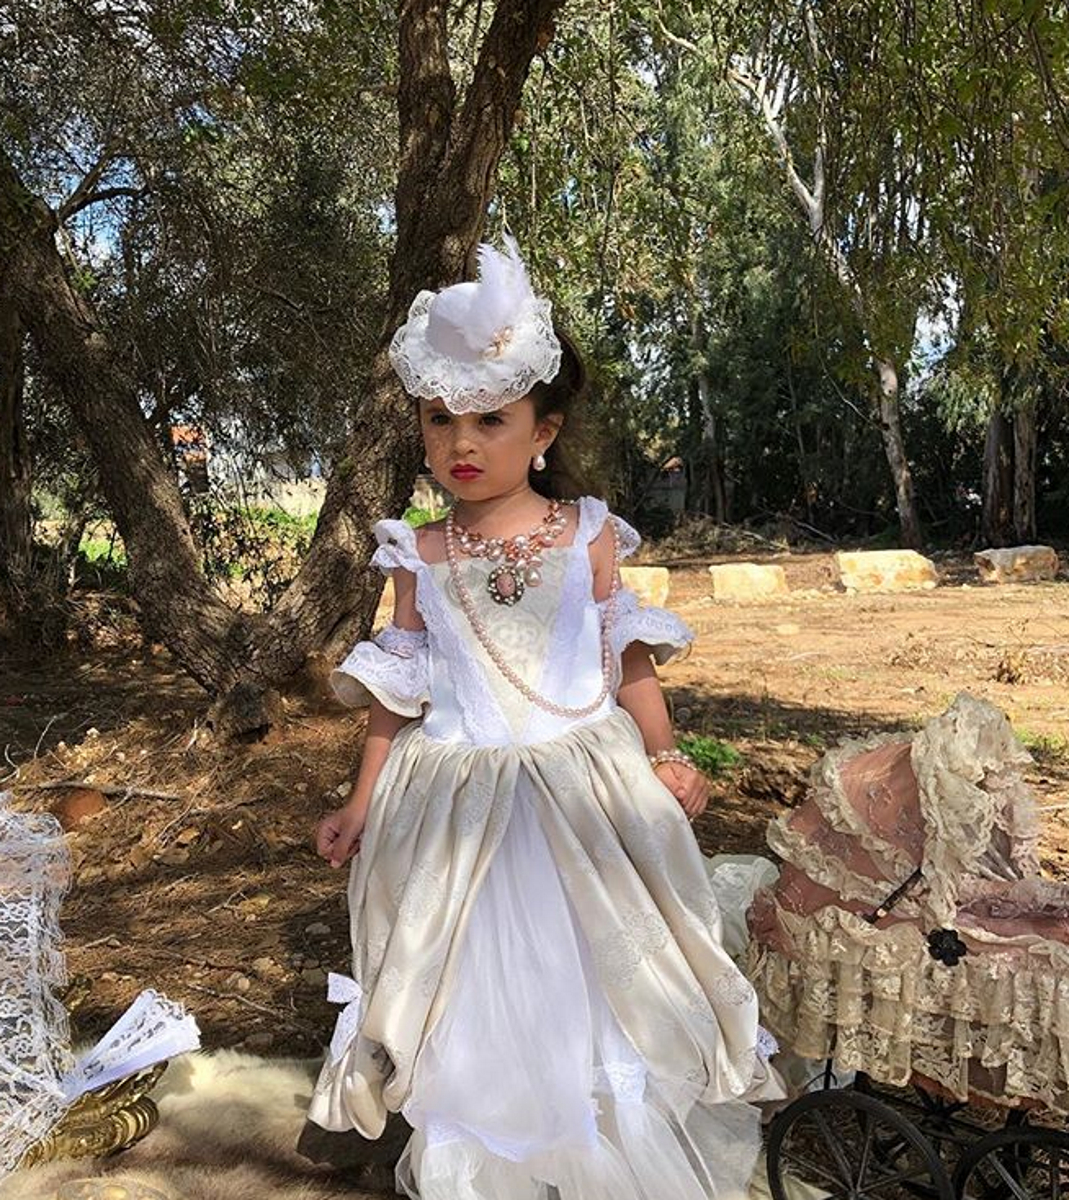 """Миа Афлало е едва на 5 години, но вече е известна с косата си и дори беше снимана от британското издание на """"Воуг"""". Тя впечатлява с красотата си - но много родители обвиниха майка й, че я експлоатира."""